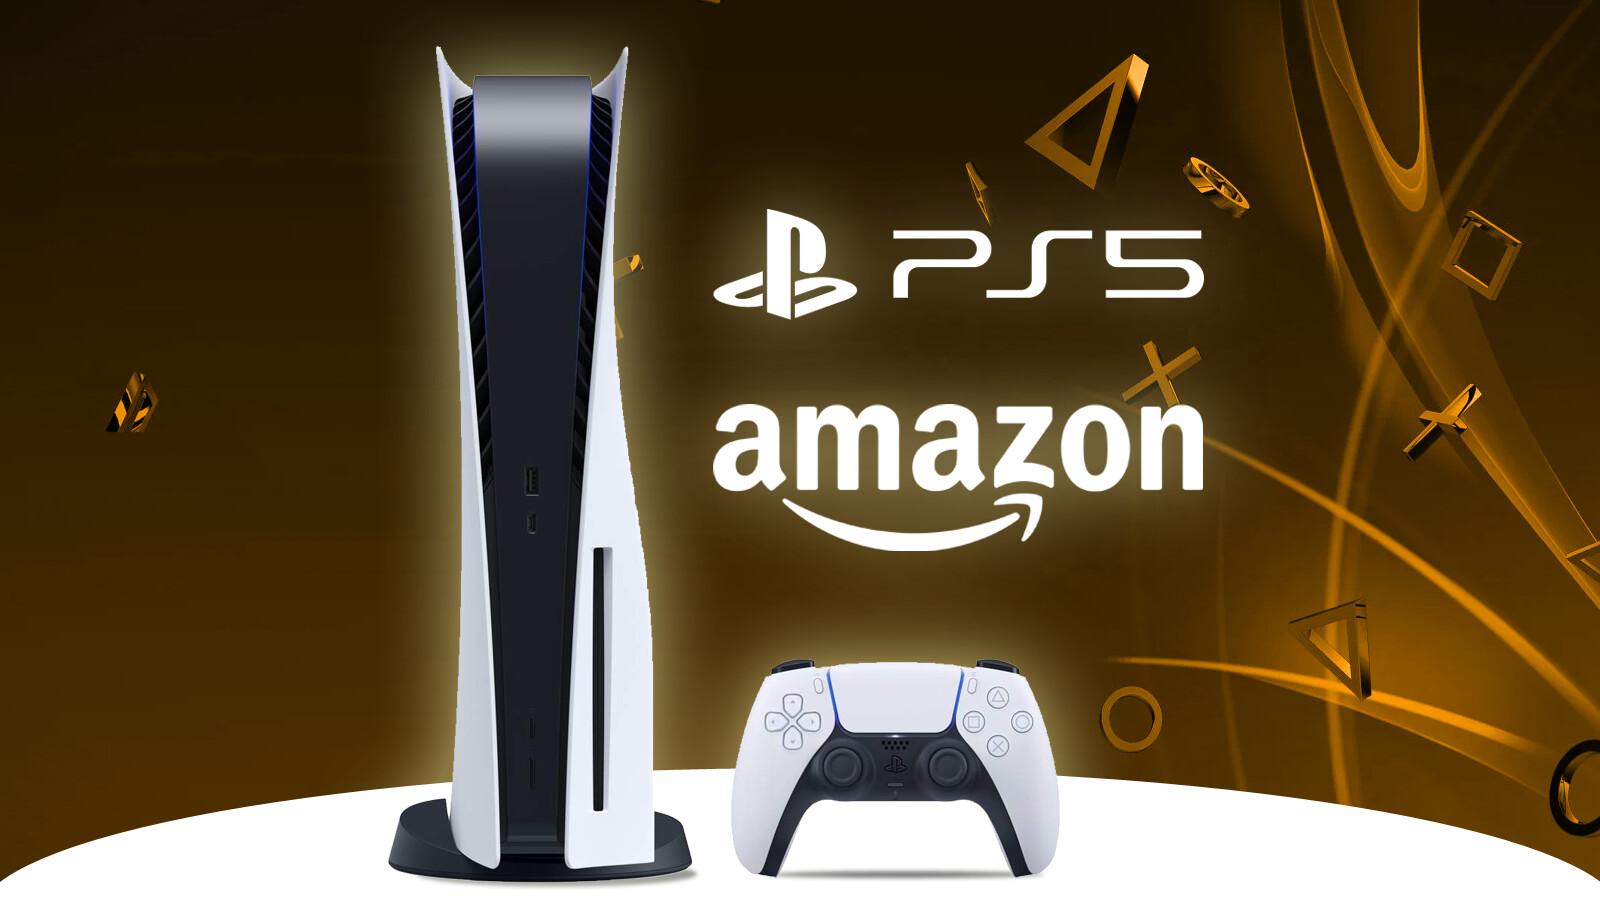 PS5 kaufen: Am Montag könnte sich ein Blick auf Amazon lohnen - netzwelt.de